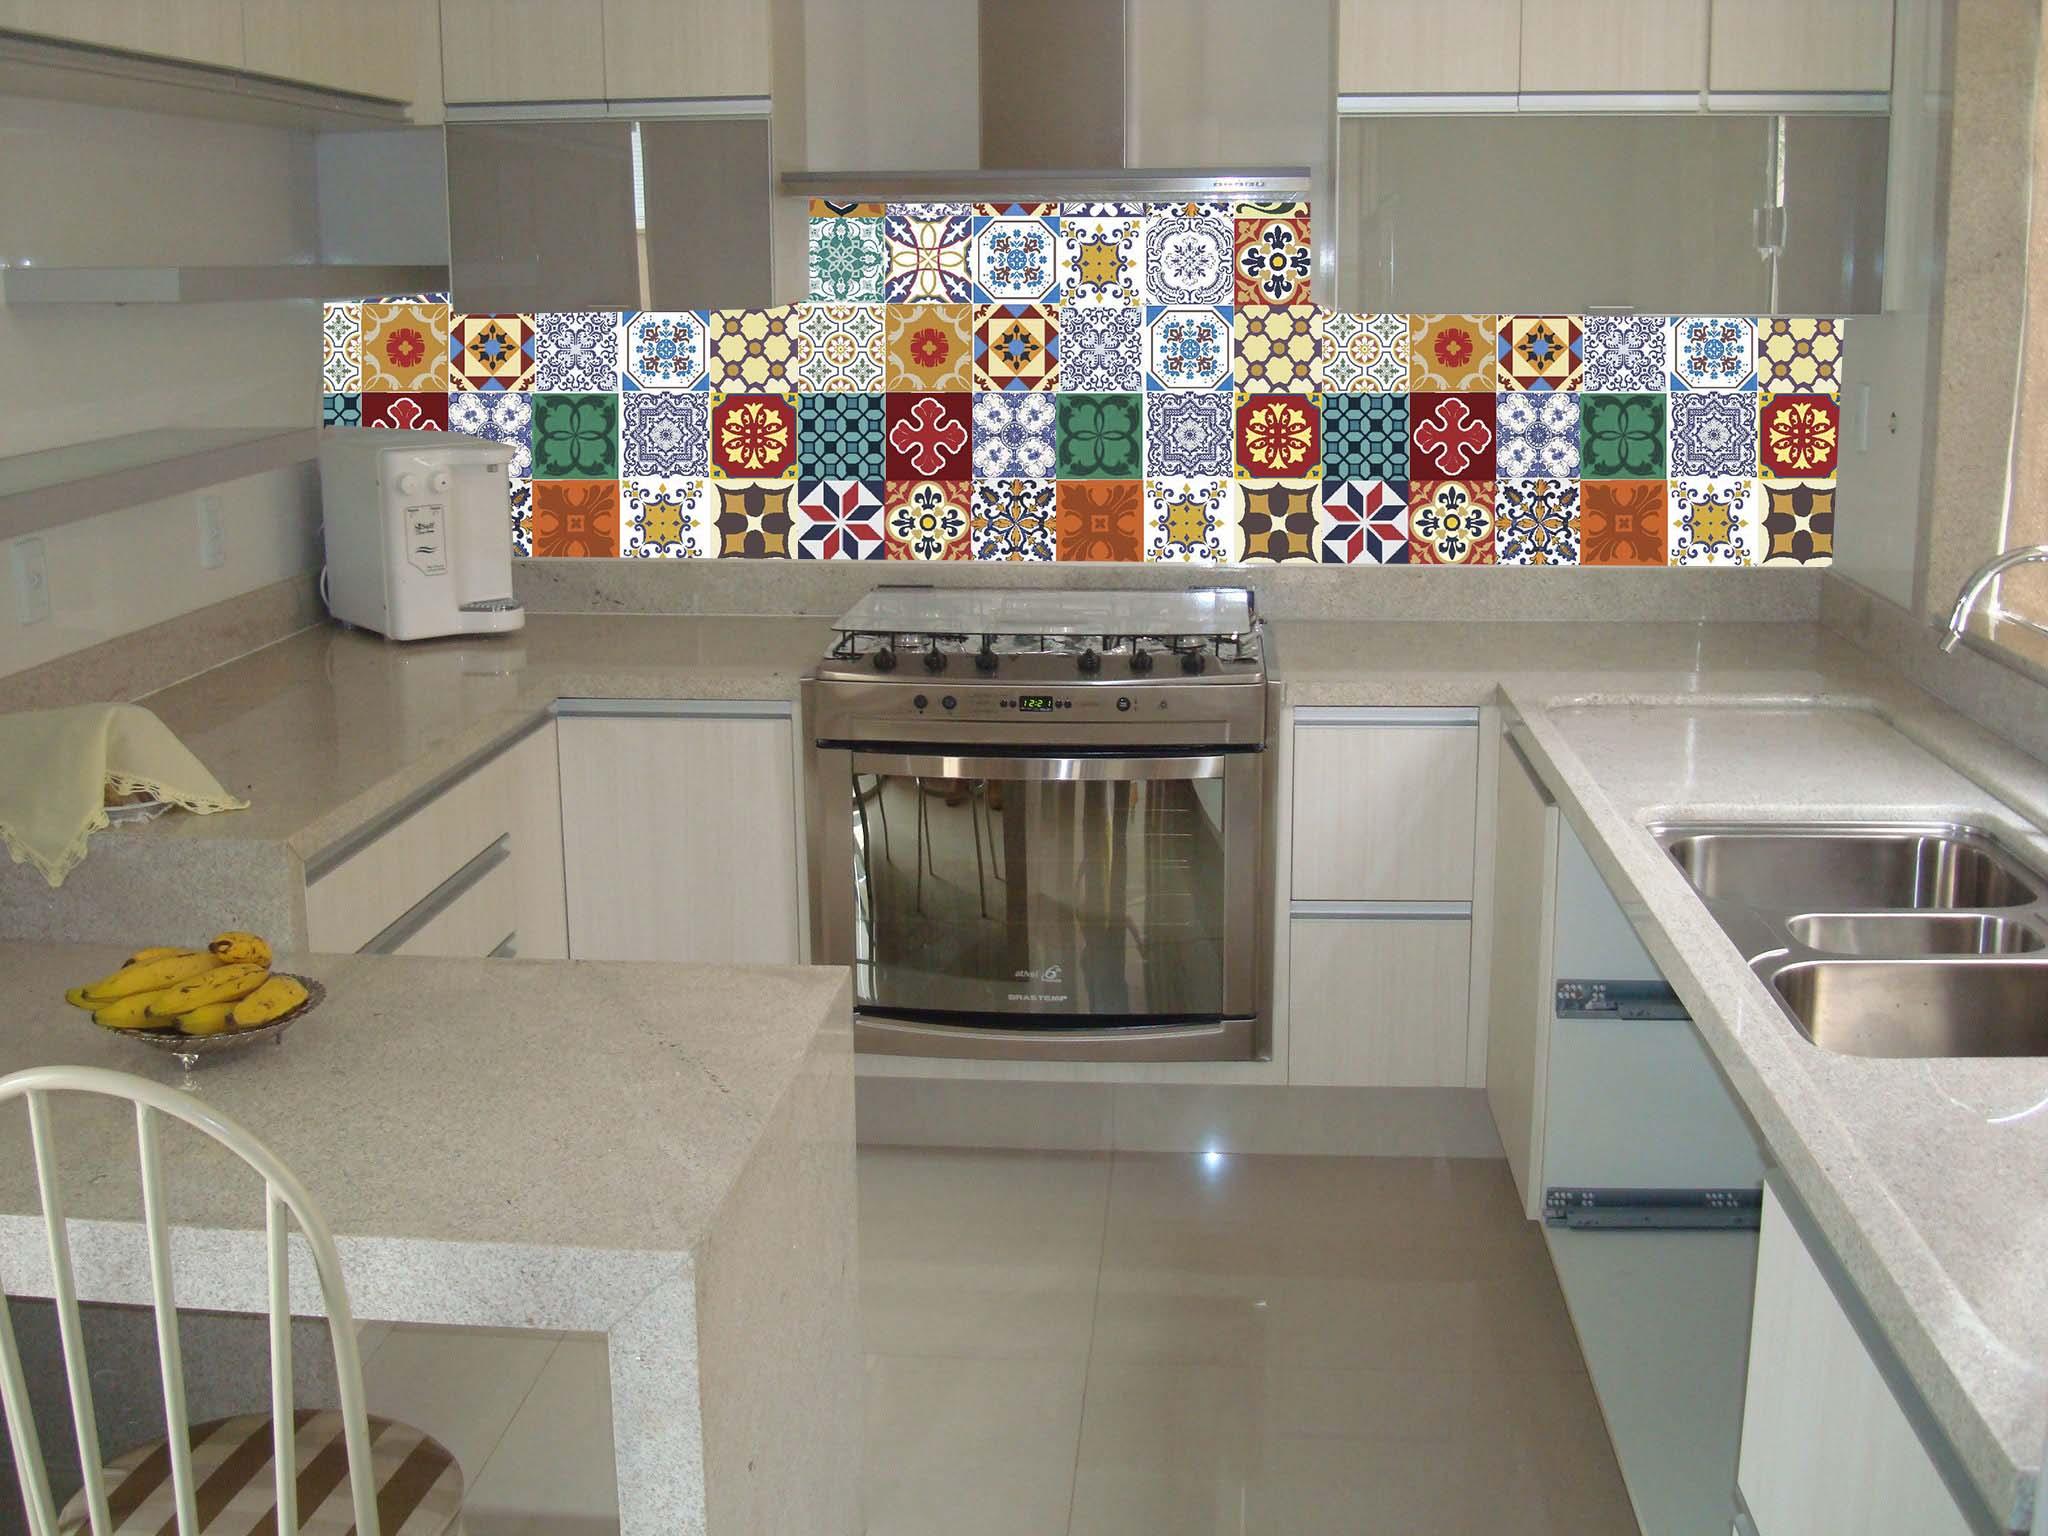 Comprar adesivos de ladrilho para cozinha kit 36 unidades for Comprar azulejos sueltos